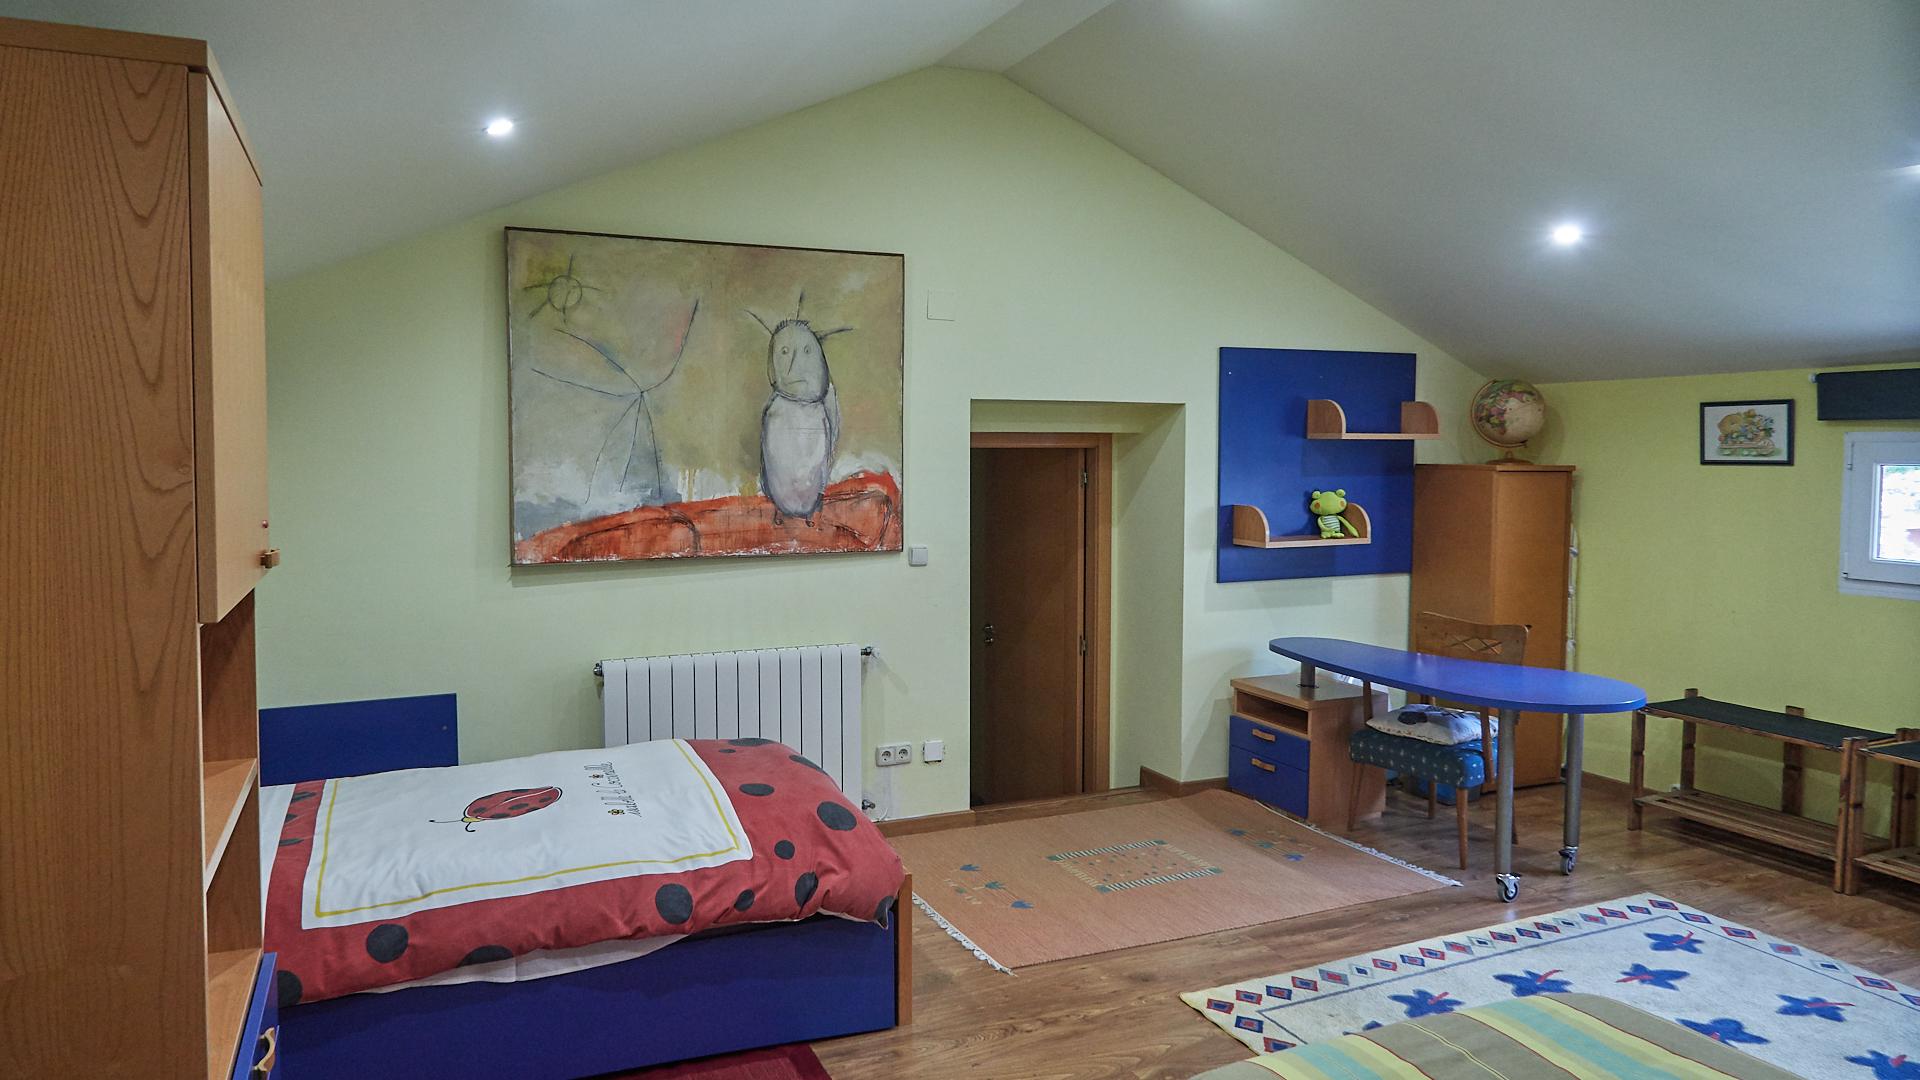 2018 06 23 vagalumes  habitacion 6  (3)